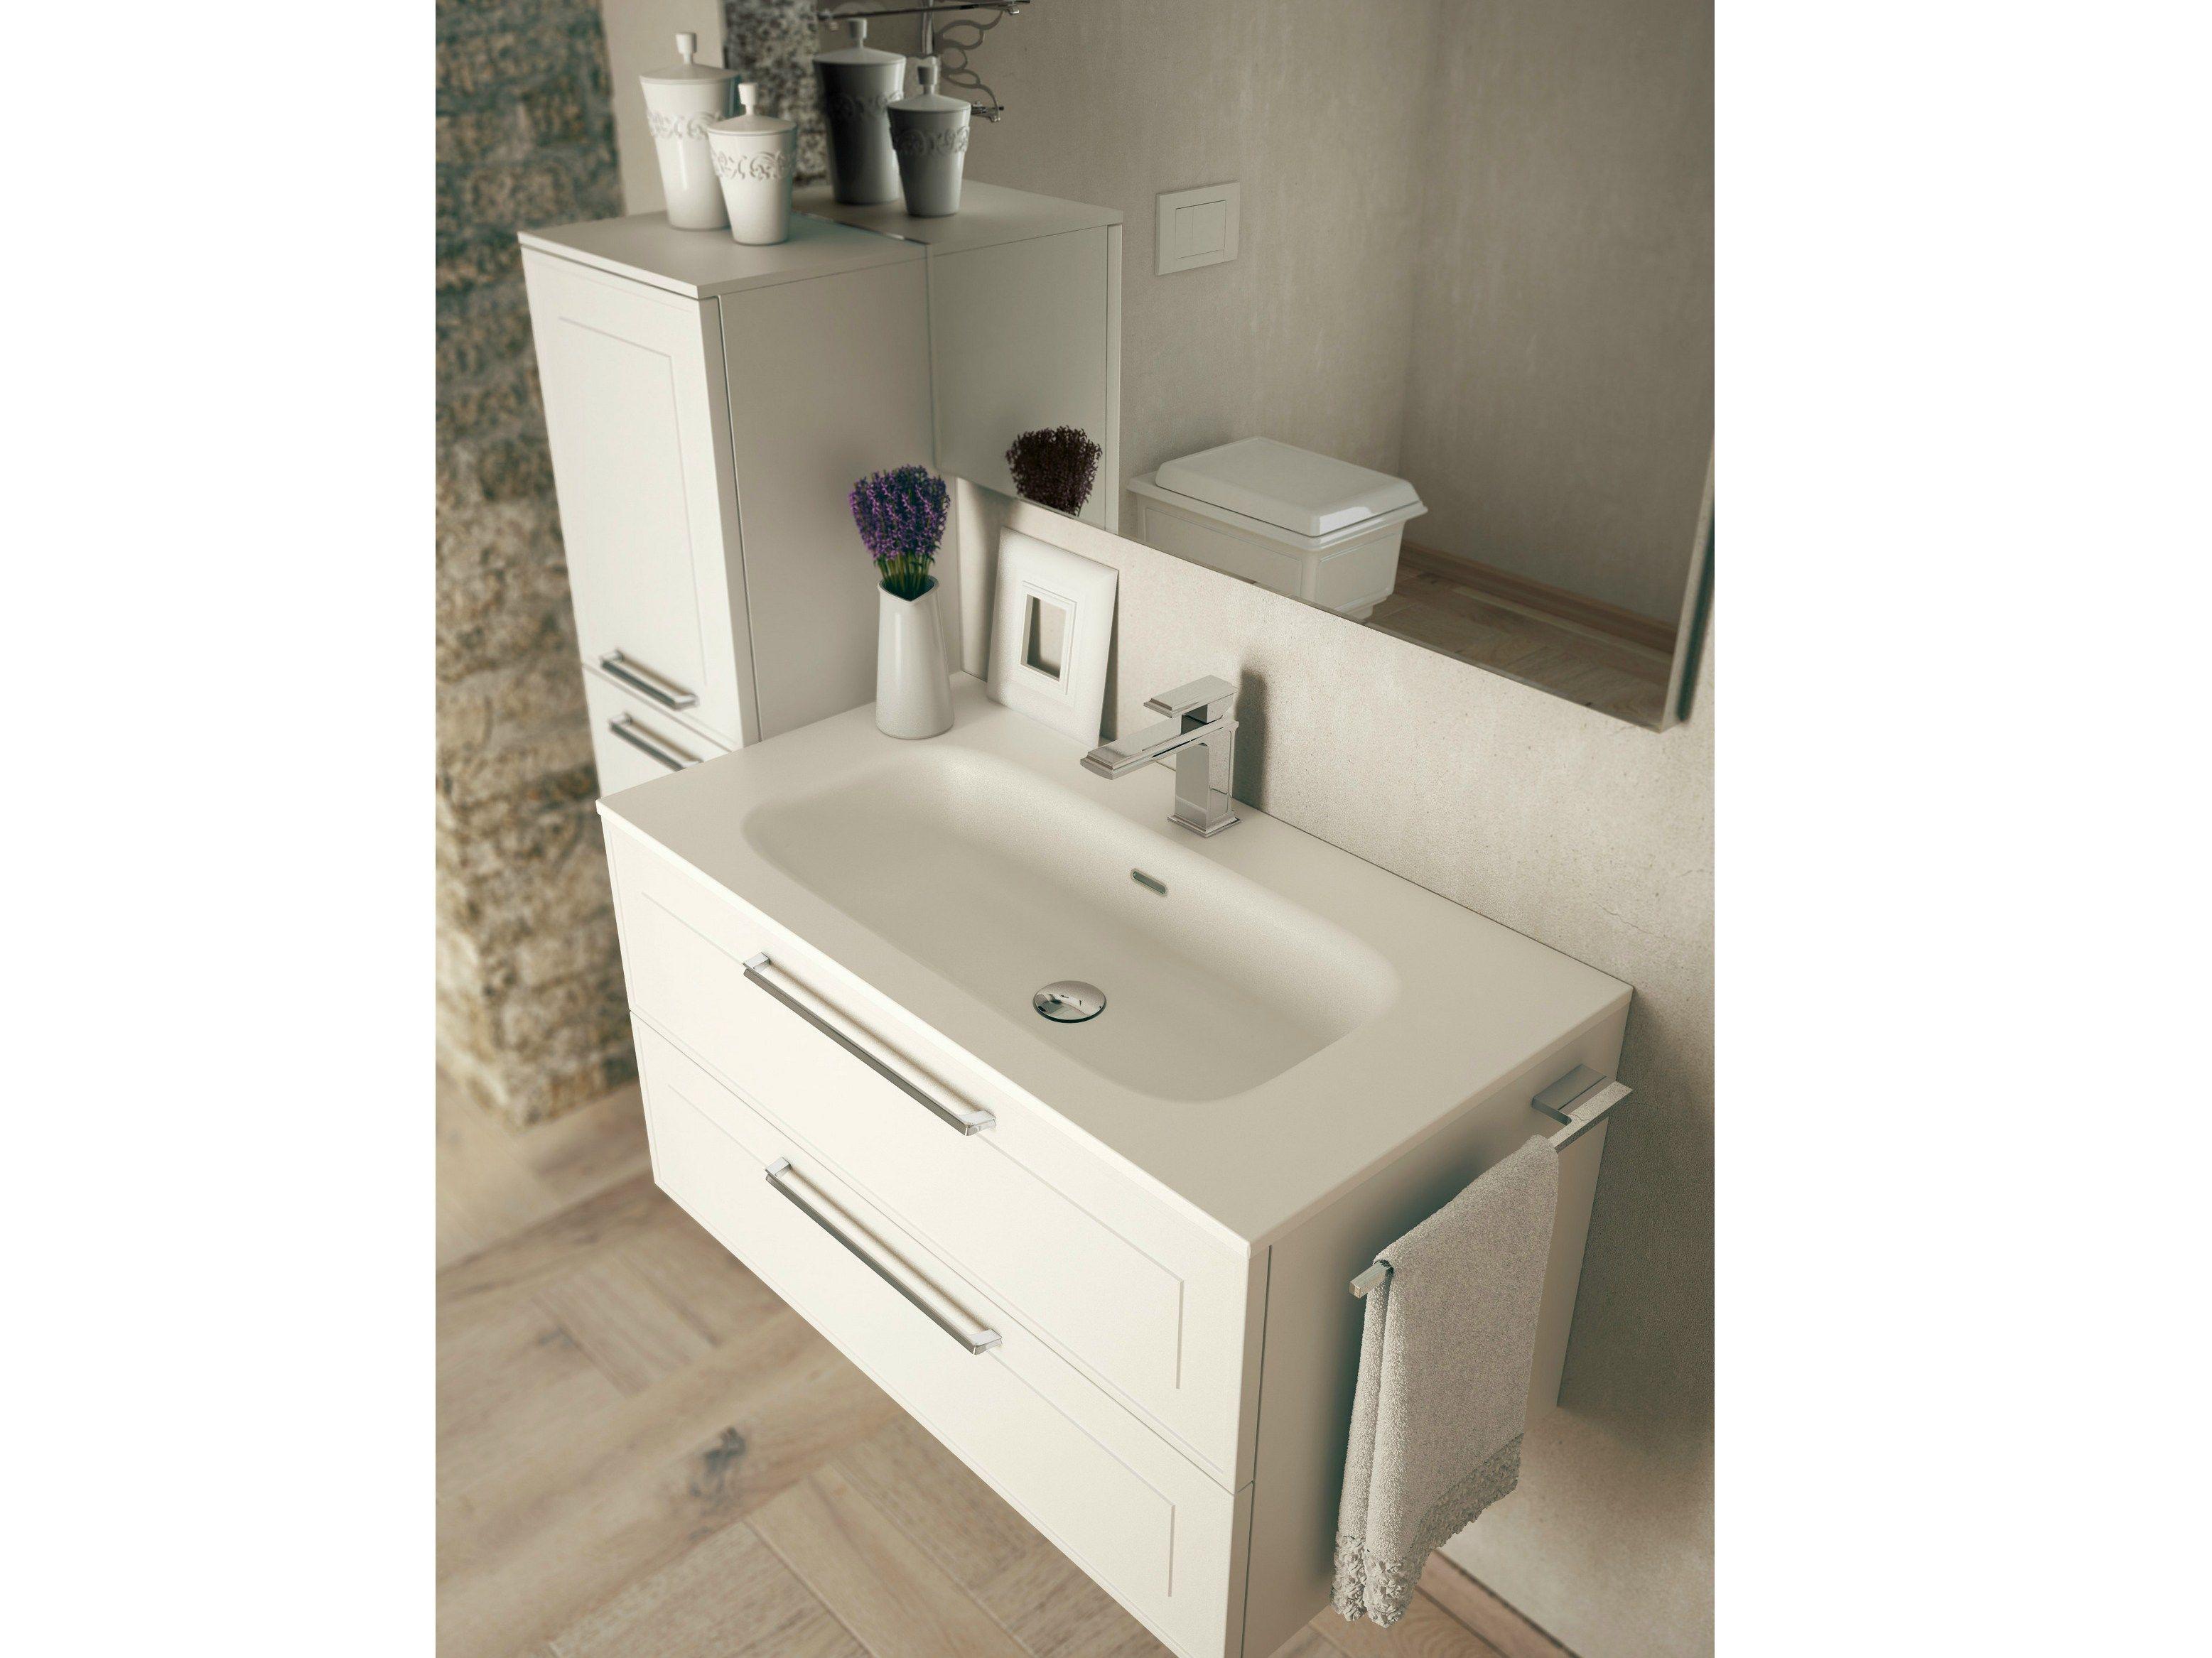 arredo bagno completo dressy comp 07 by idea - Prezzi Arredo Bagno Completo